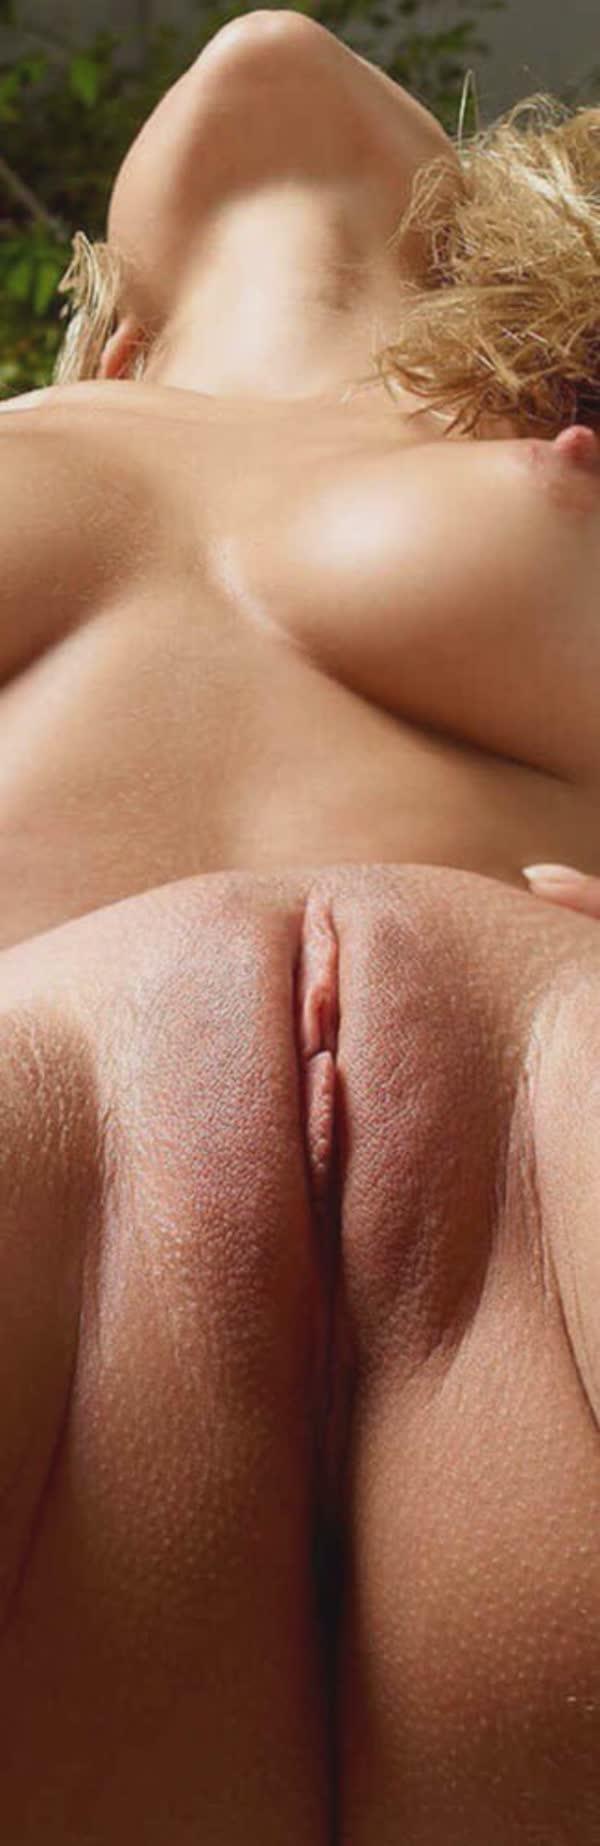 vaginas-gostosas-18